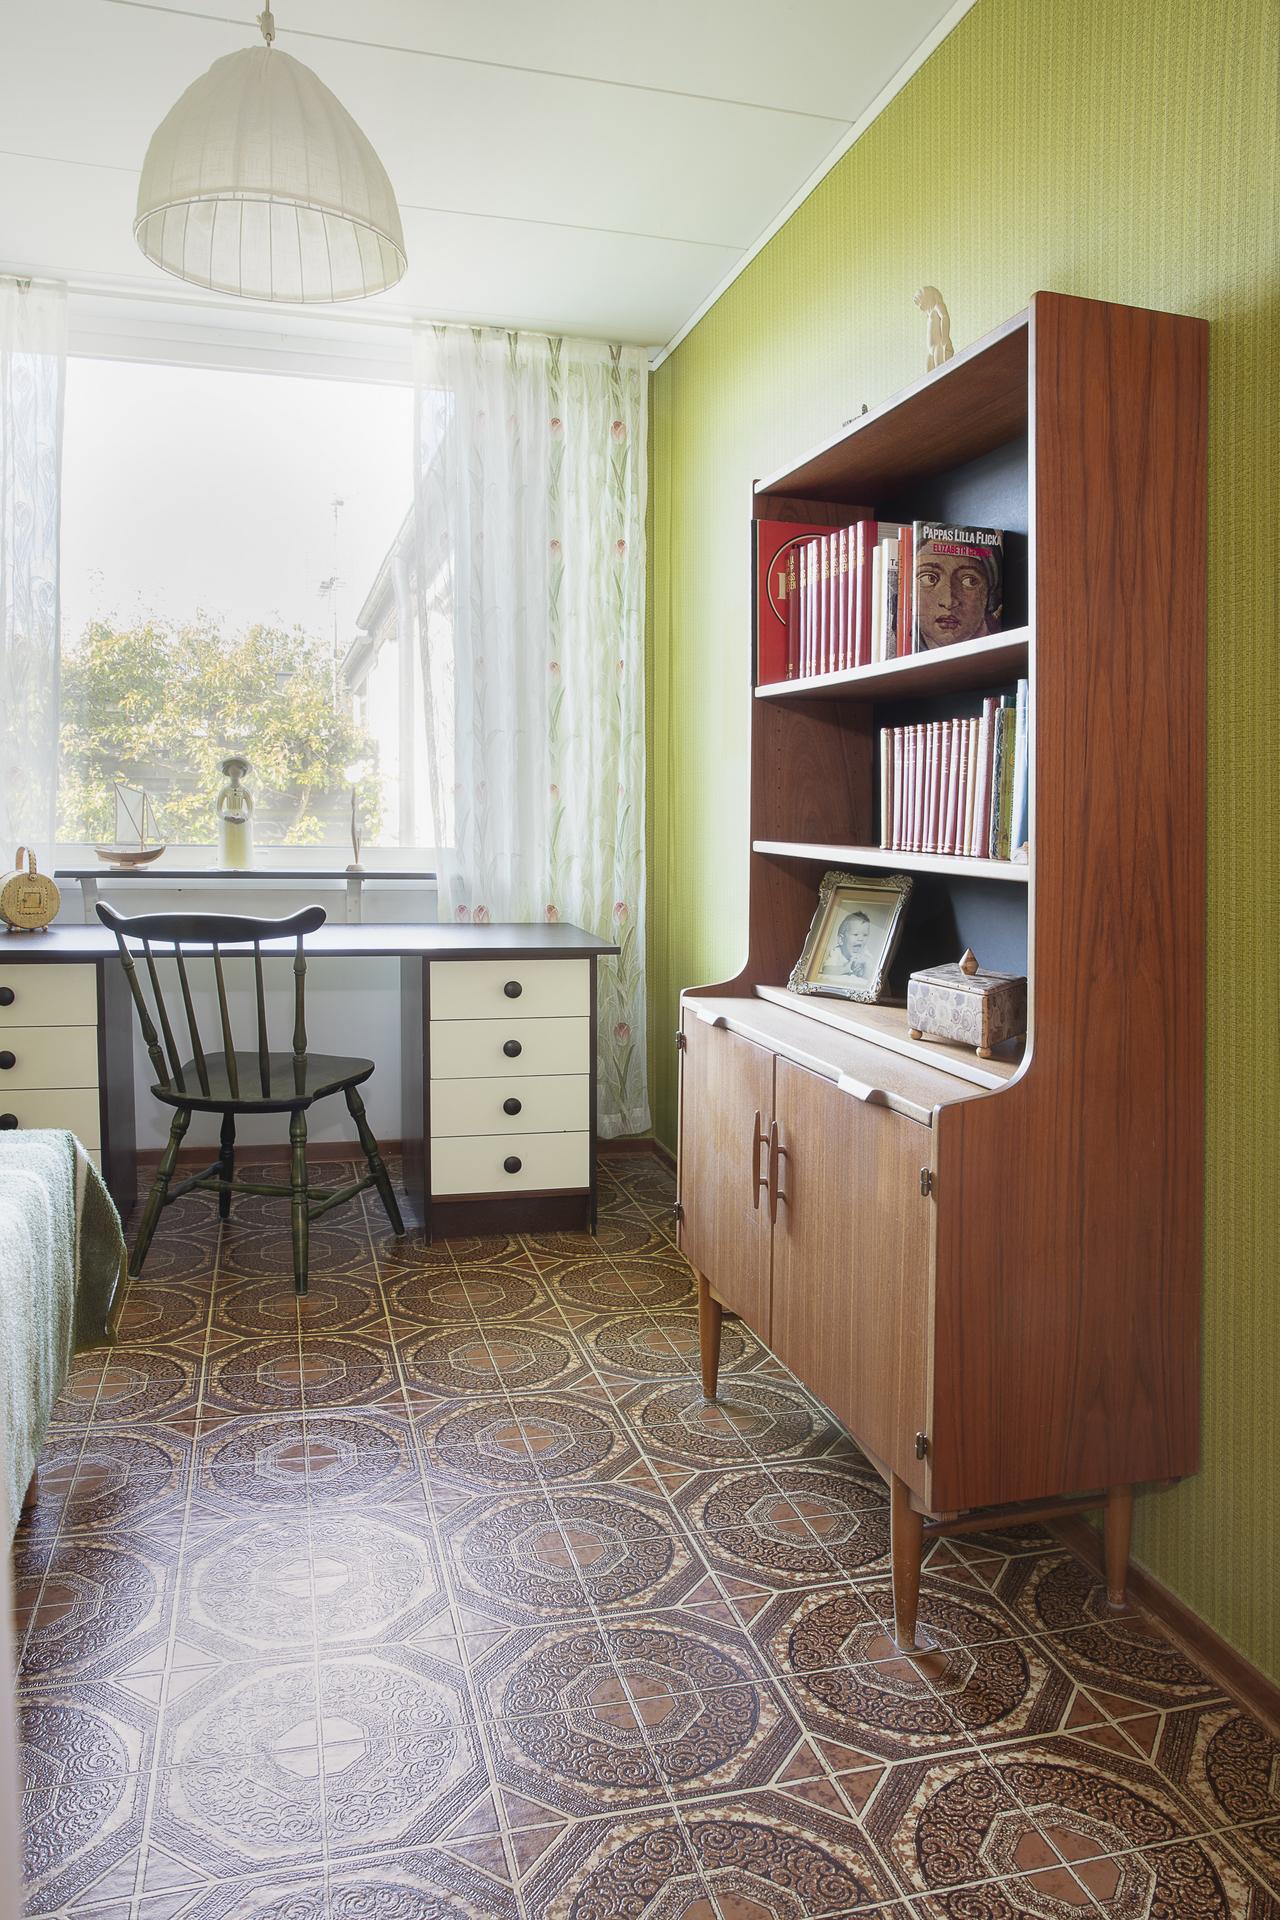 Sovrum 2 används idag som ett gästrum, här finns plats för en säng samt ytterligare möblemang